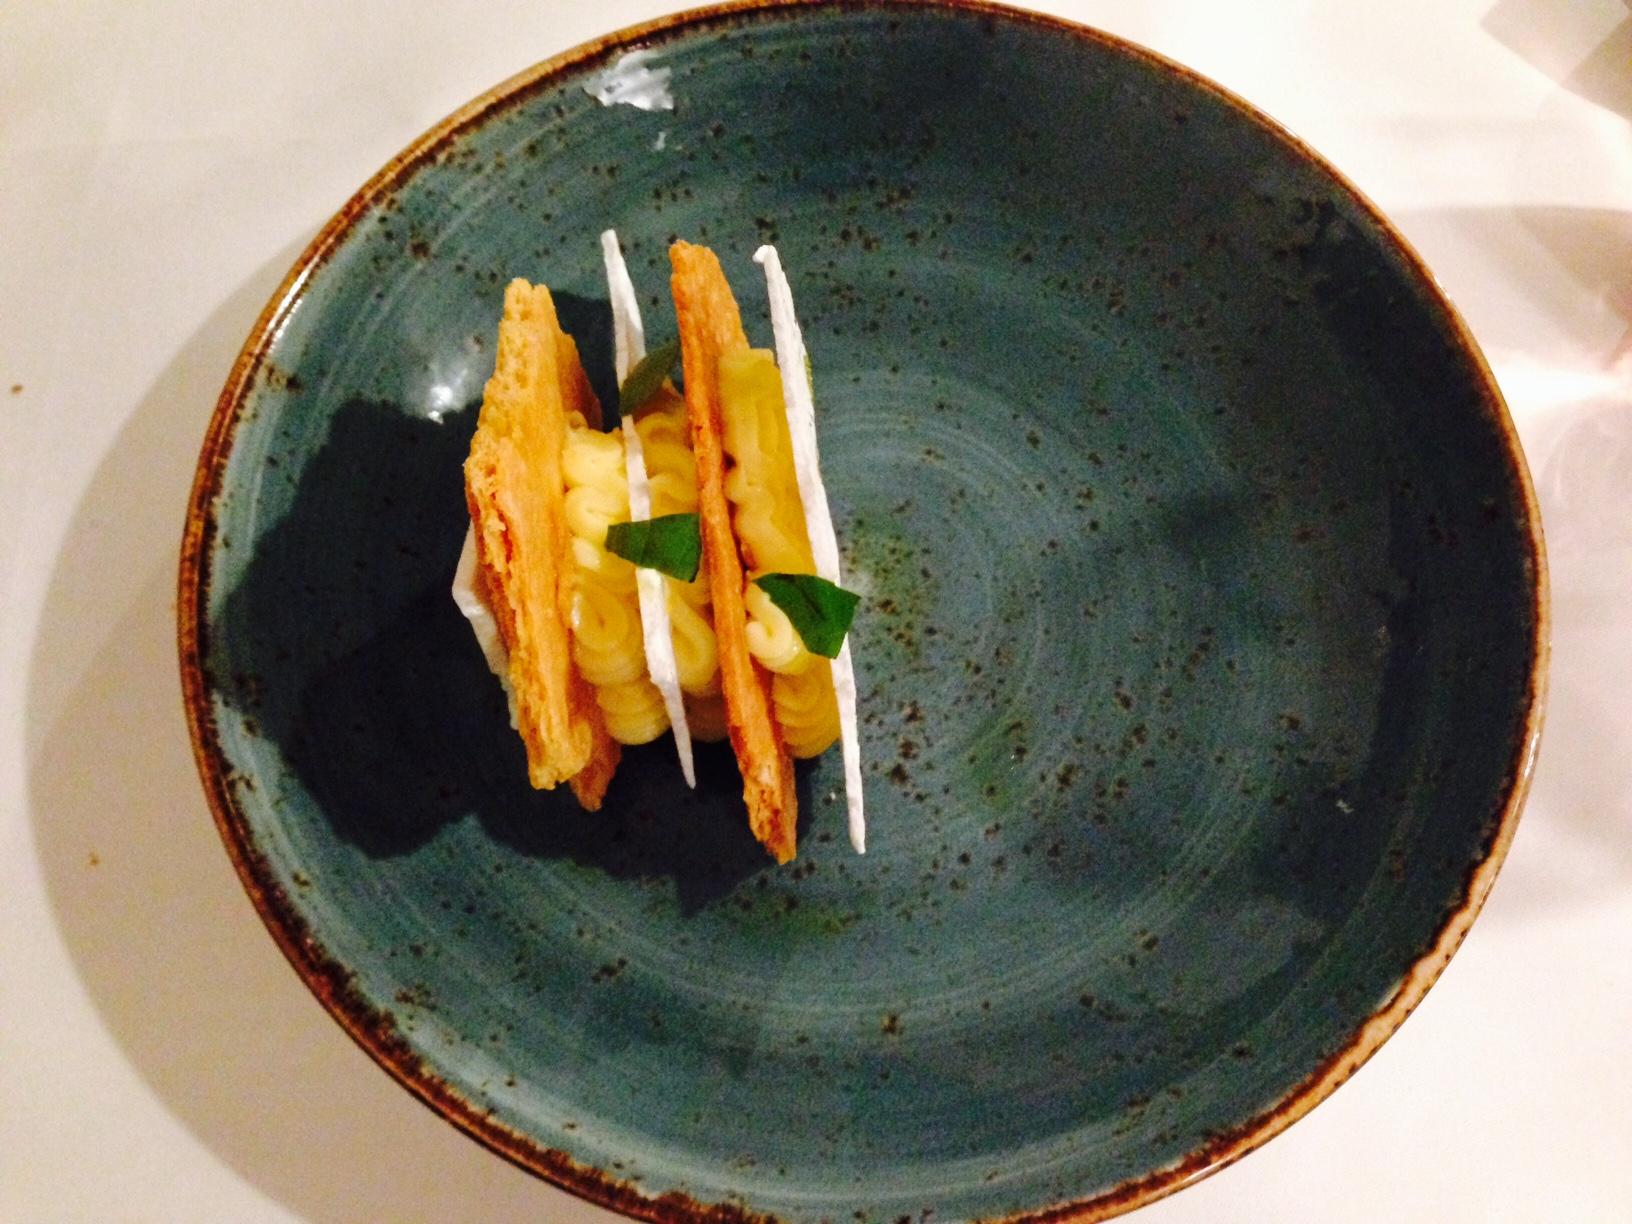 mille feuille, dessert, leontine - kekinwien.at